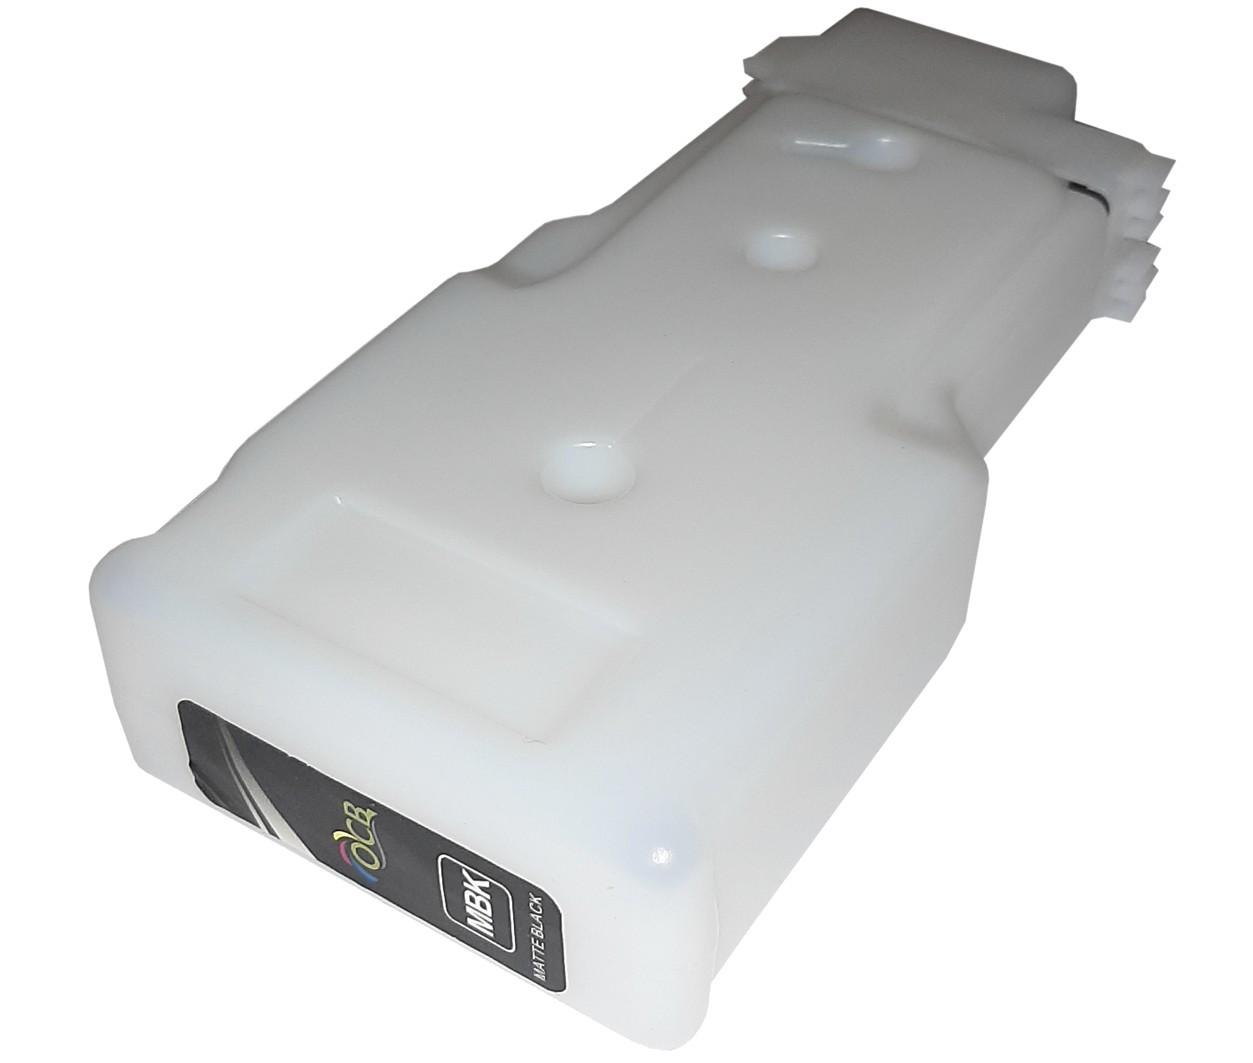 Перезаправляемый картридж Ocbestjet для плоттеров Canon TM-200/300 с чипом PFI-120/320 Matte Black (300 мл)